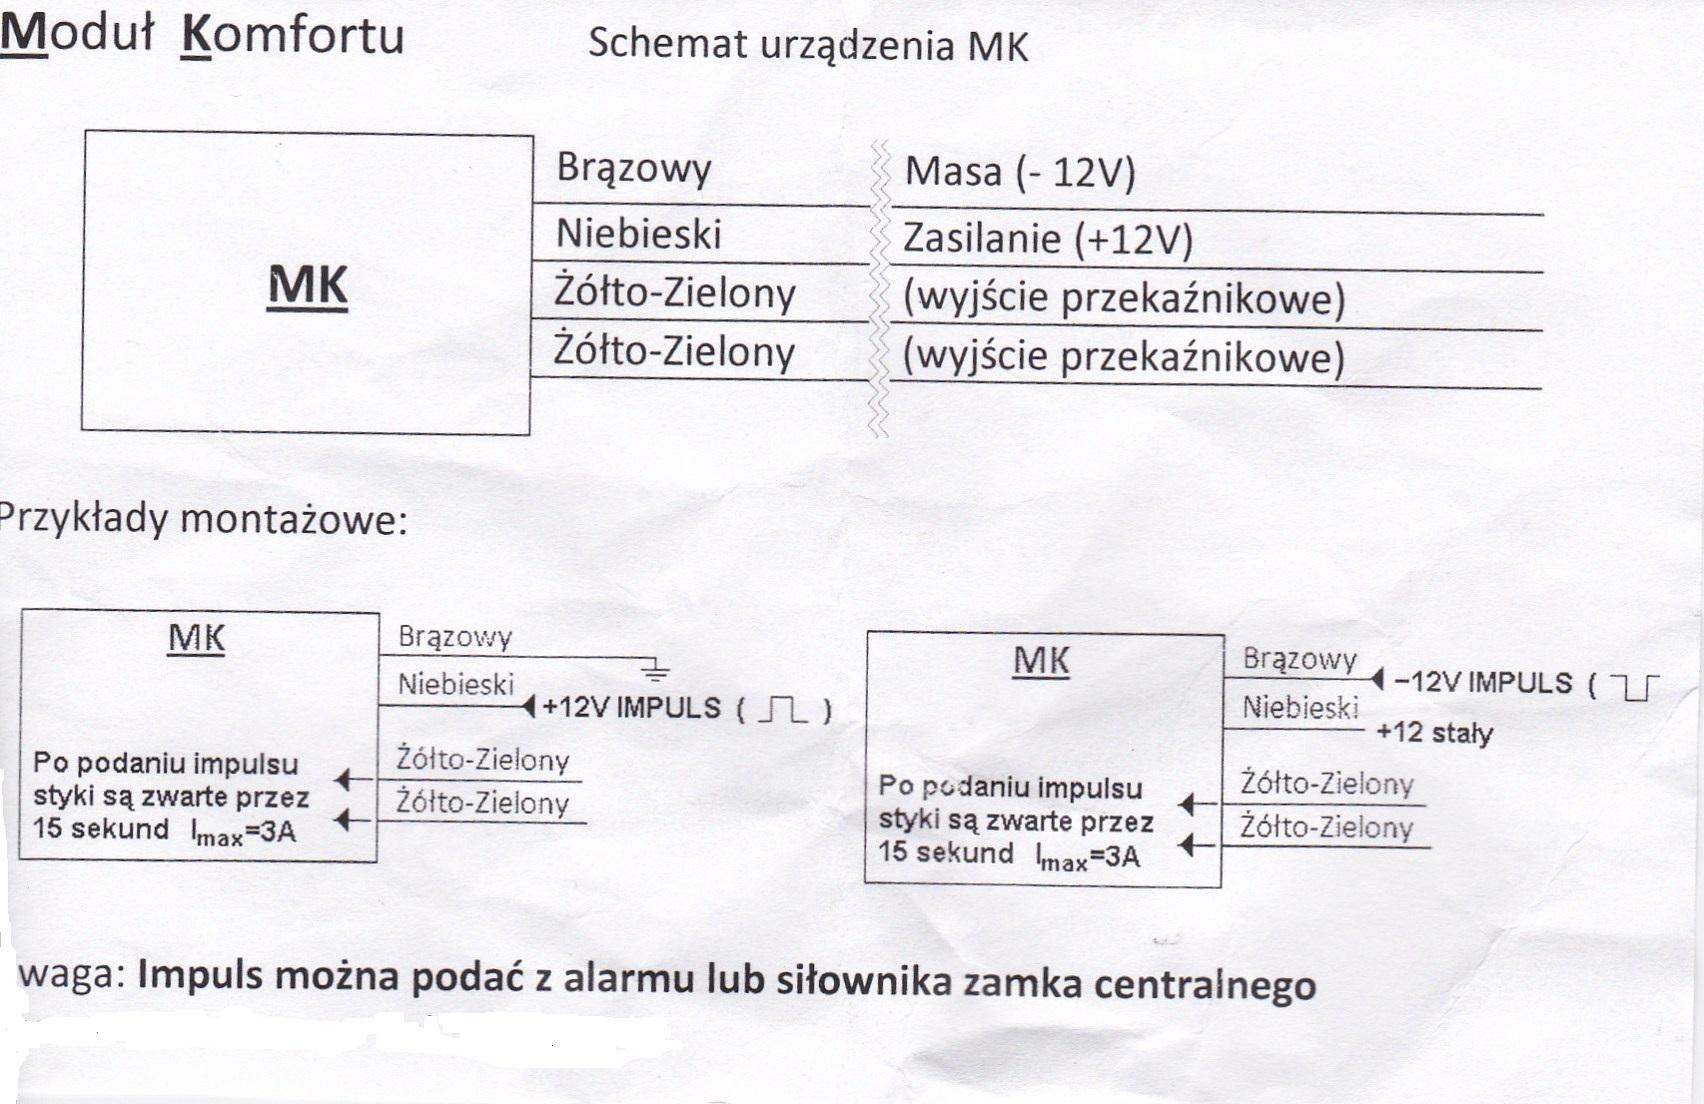 Skoda Fabia Kombi 2003 2,0 - Modu� domykania szyb